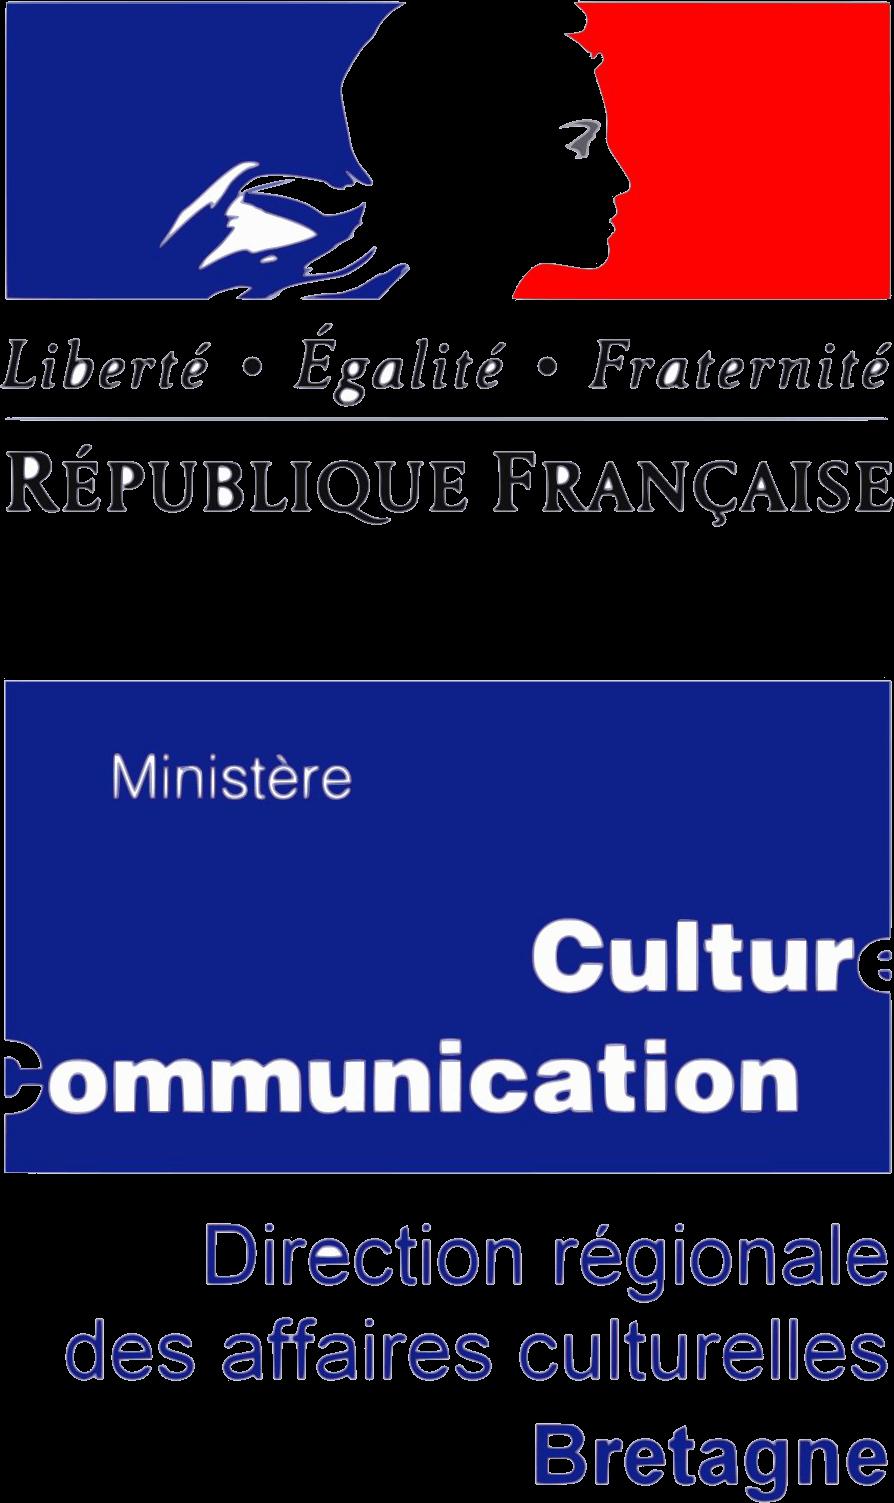 Logo Direction régionale des affaires culturelles Bretagne